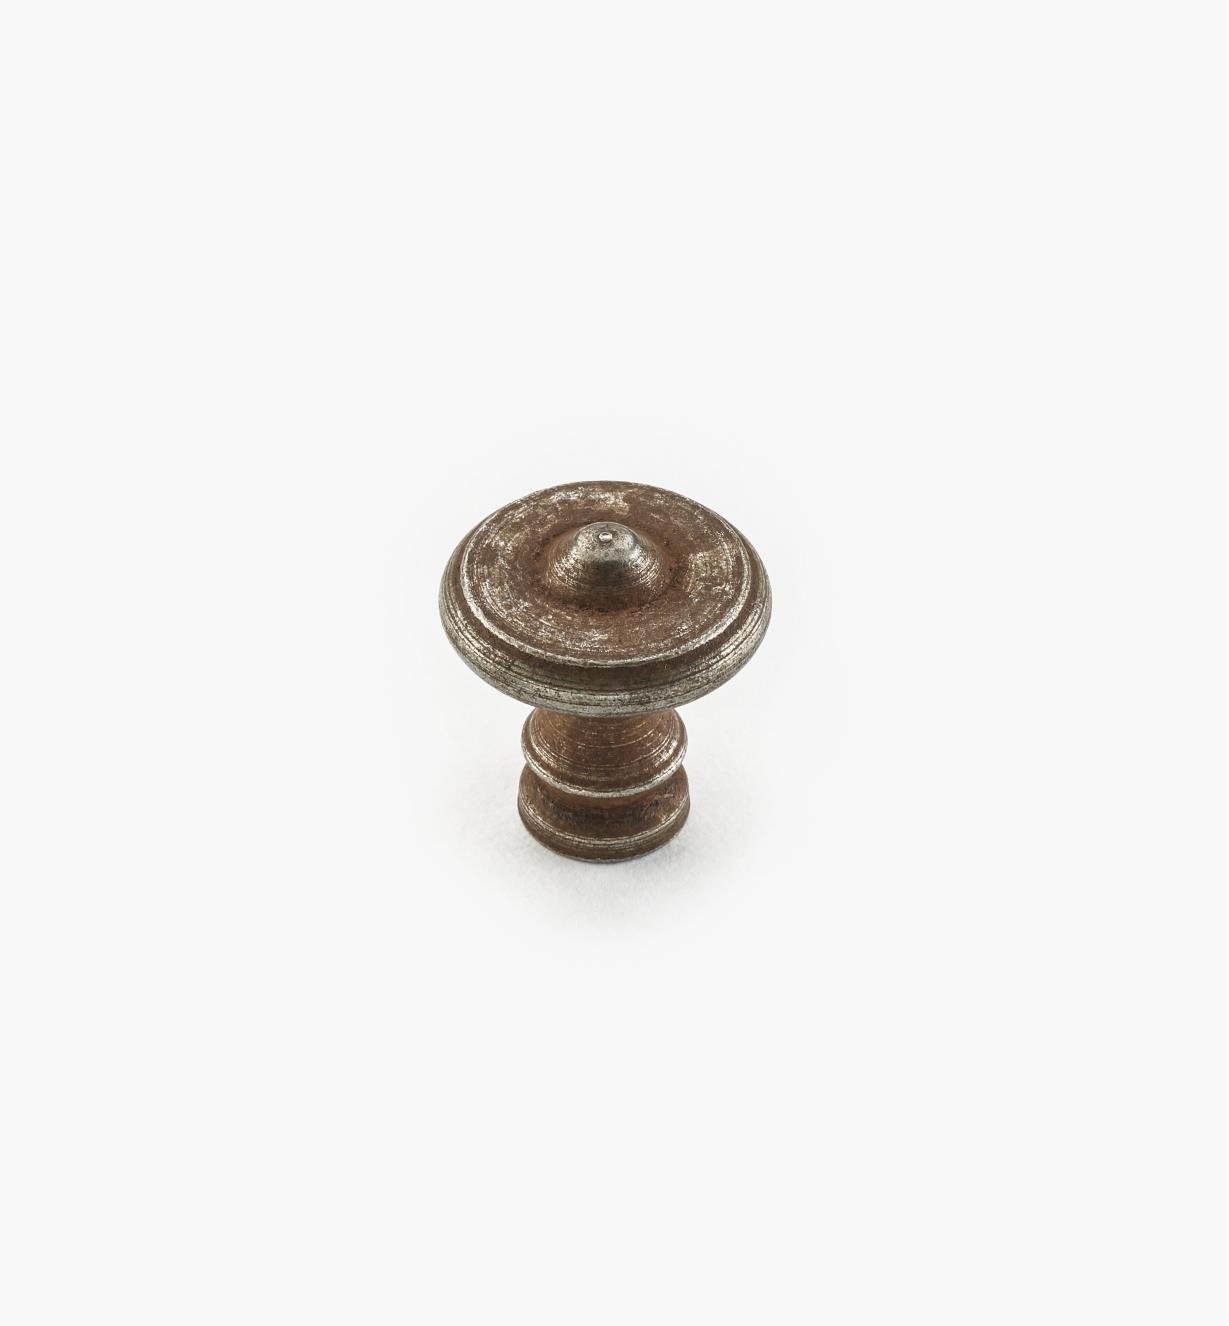 01A6051 - 20mm × 20mm Knob